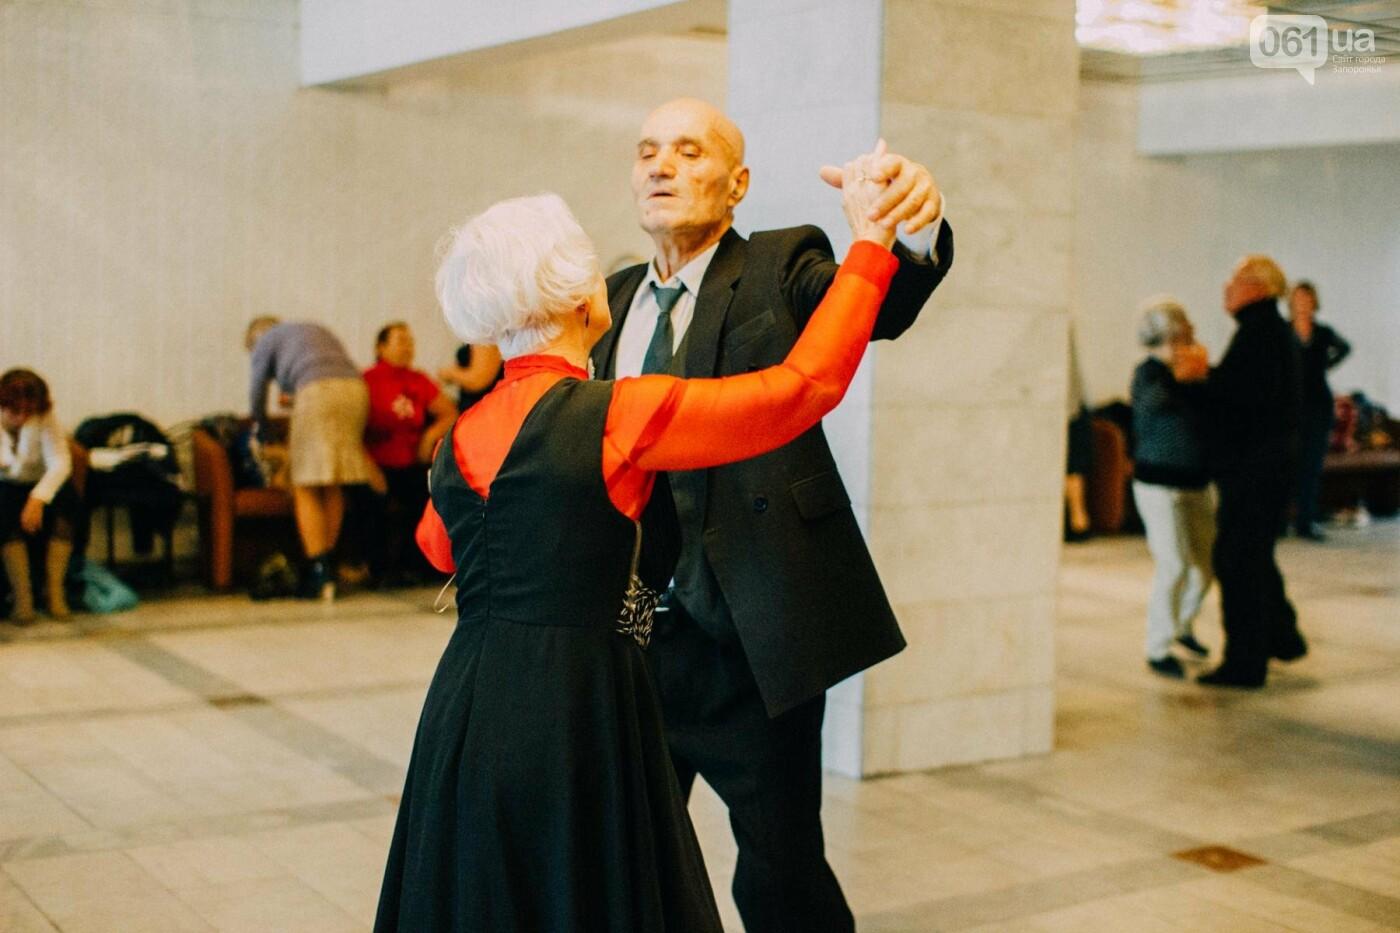 """""""Я ей сказал - до 90 лет будем танцевать!"""": как влюбленные запорожцы нашли друг друга благодаря танцам , фото-2"""